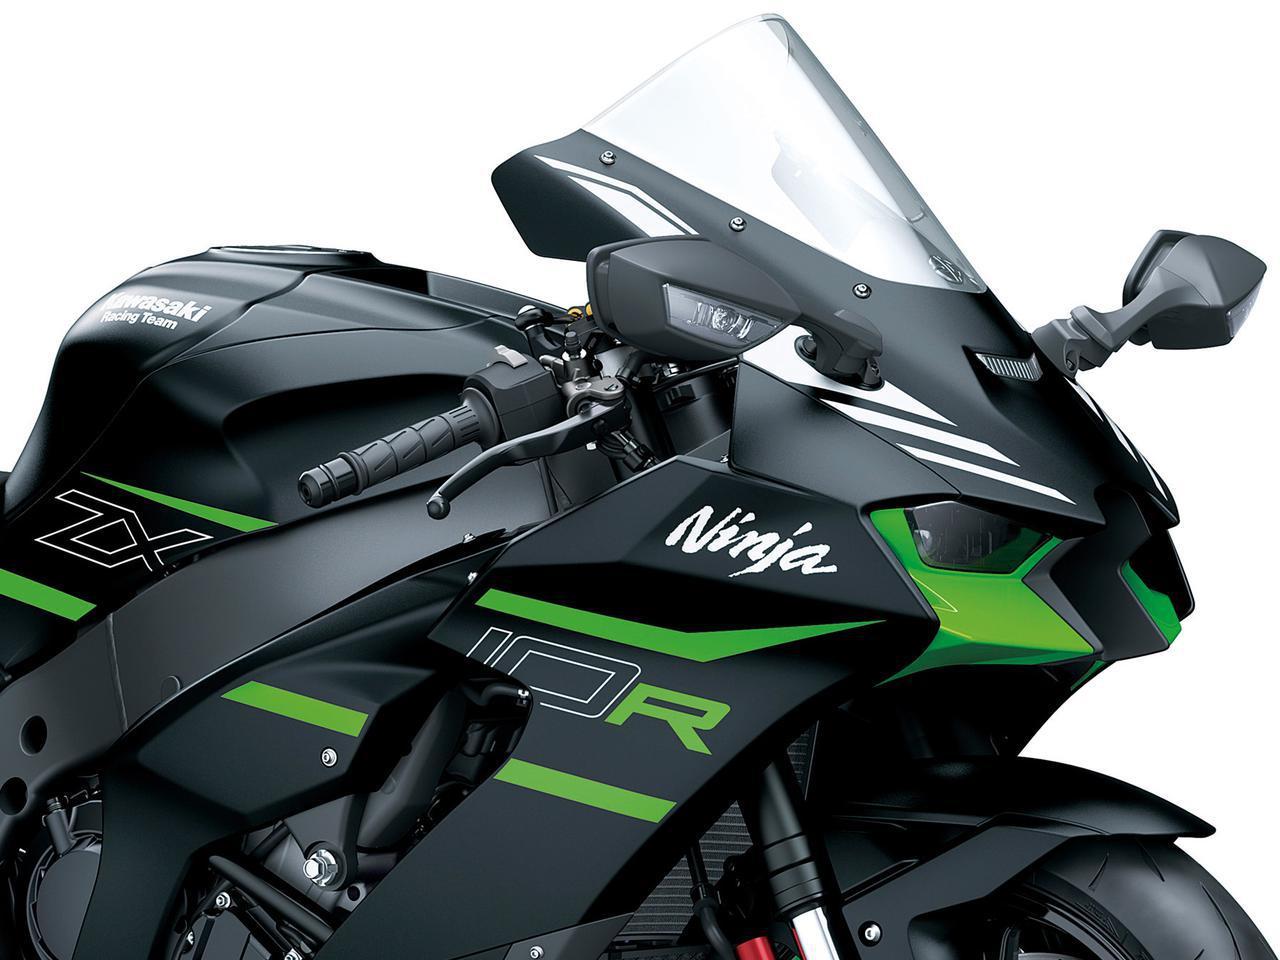 画像: カワサキ新型「Ninja ZX-10R」が従来型から進化したポイントを解説! - webオートバイ